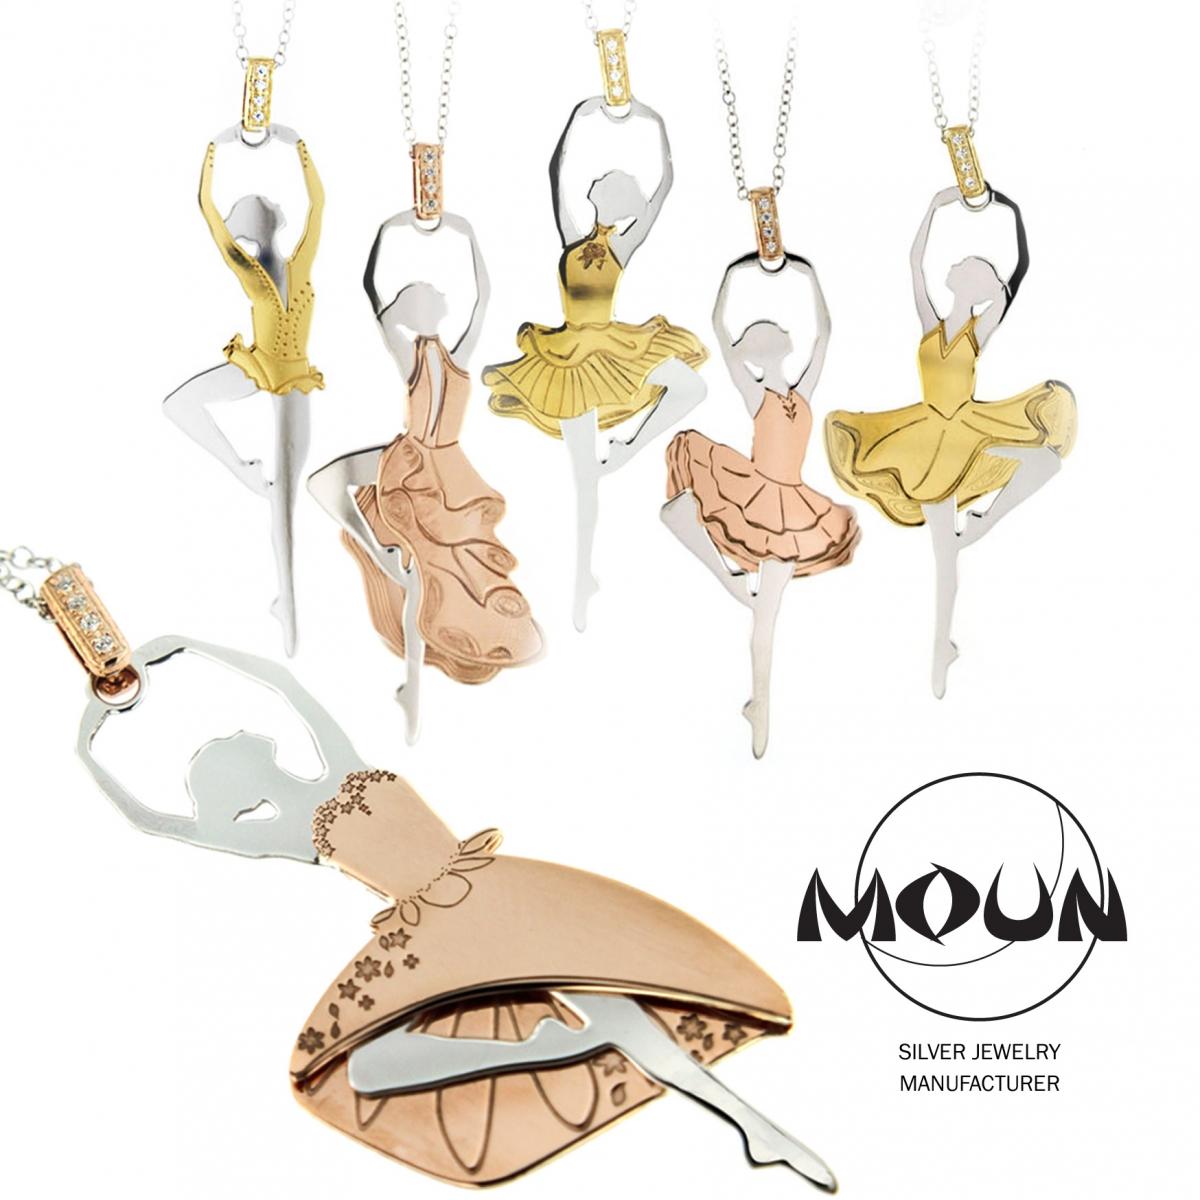 91769cca47 Collana d'argento con ballerina con tutu corto | Made in Italy | Moun.it  official store - Moun Jewels | Produzione Gioielleria in Argento 925 | Made  in ...